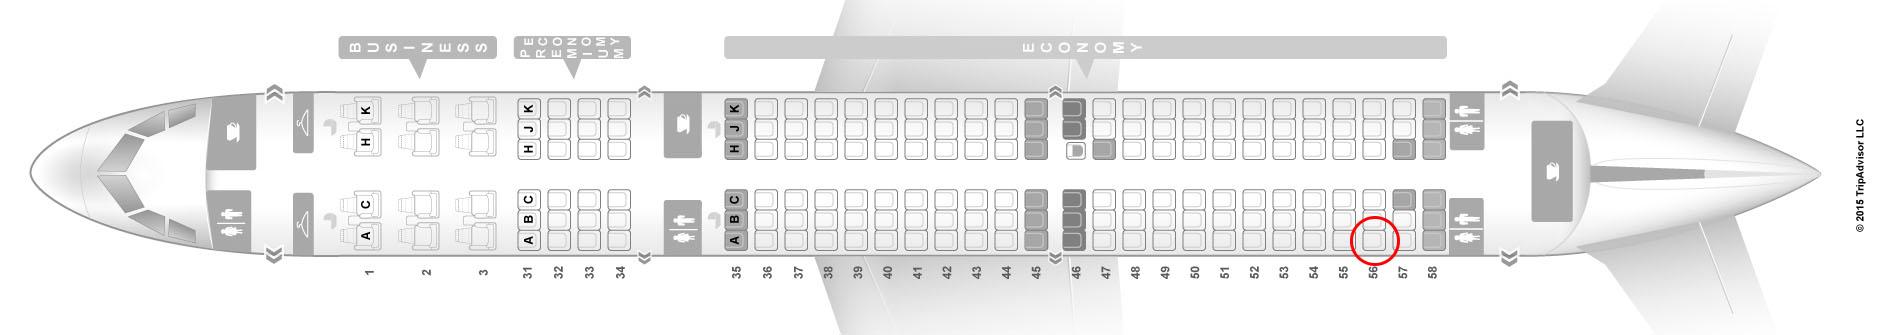 China Southern A321 seat map